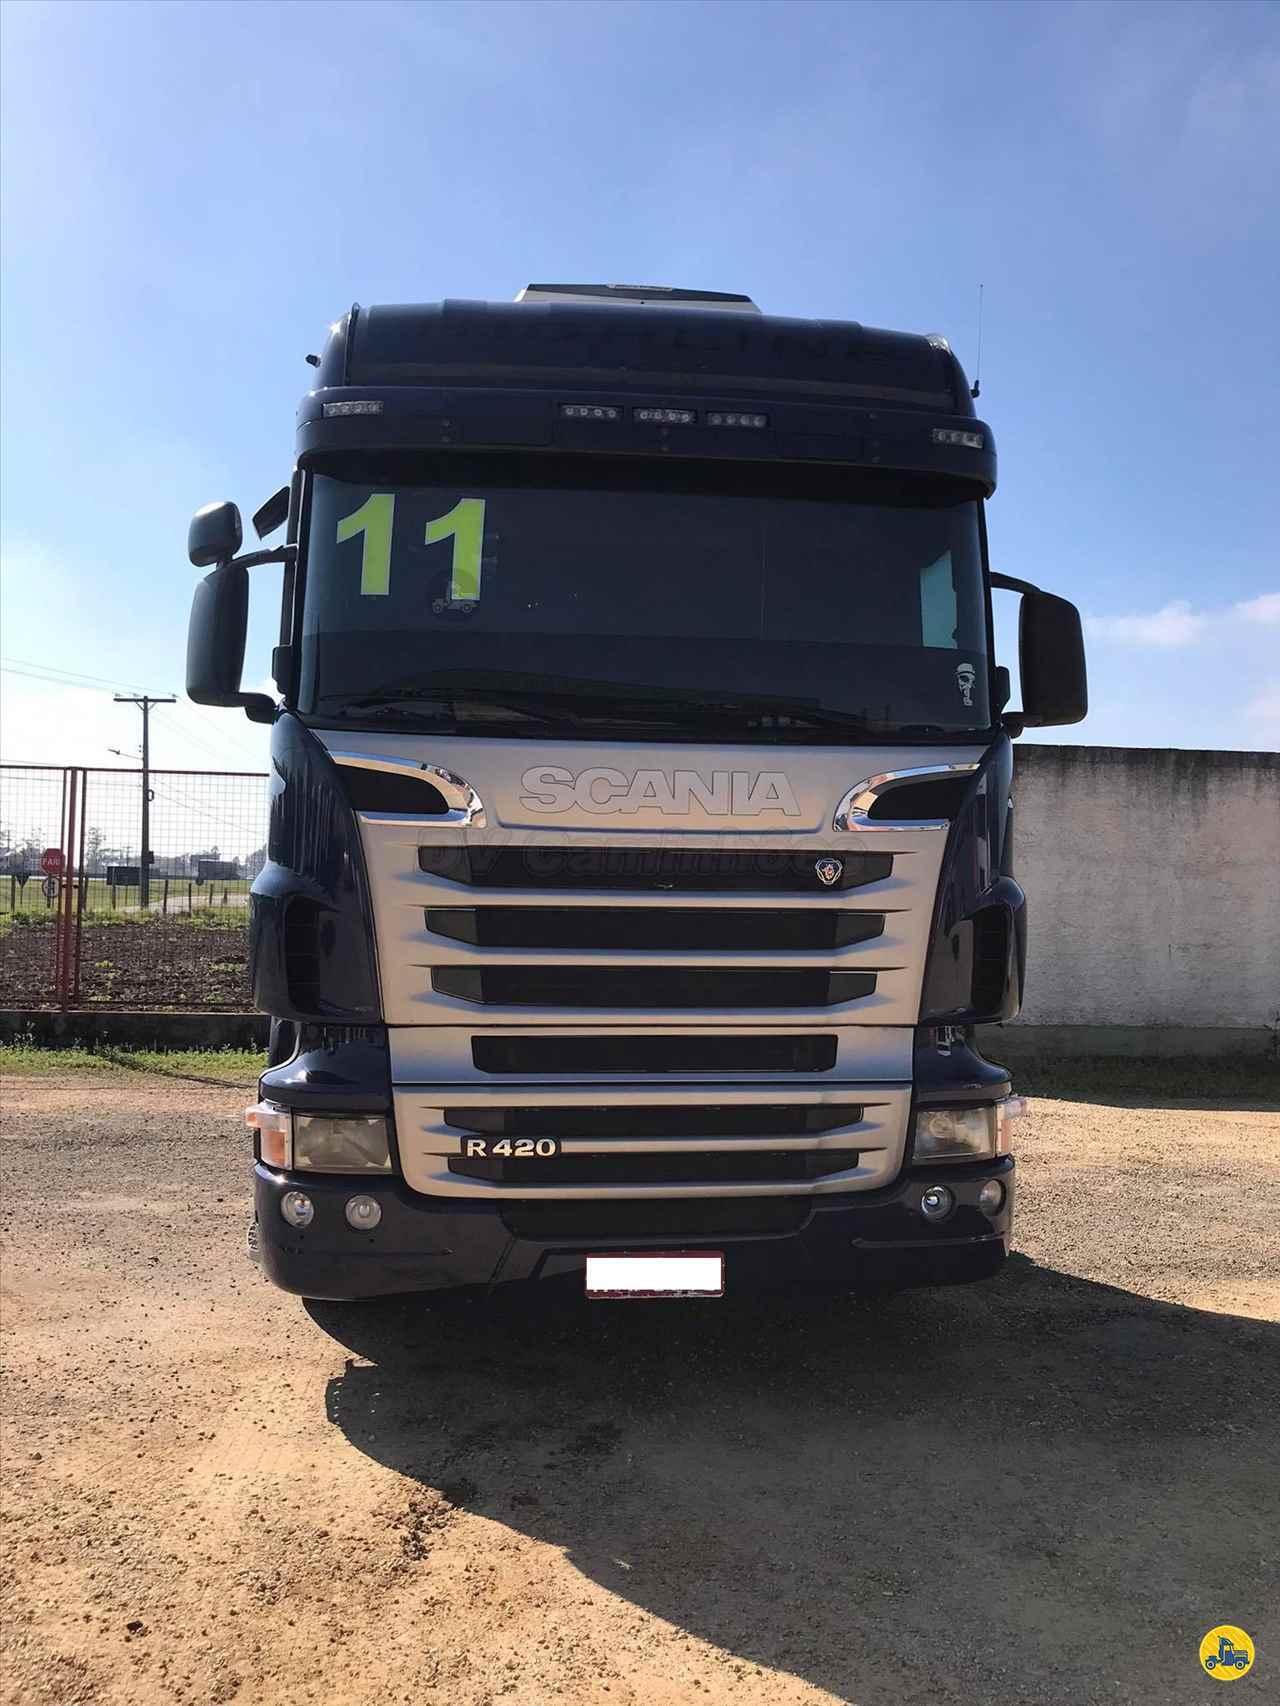 CAMINHAO SCANIA SCANIA 420 Cavalo Mecânico Truck 6x2 DV Caminhões ICARA SANTA CATARINA SC